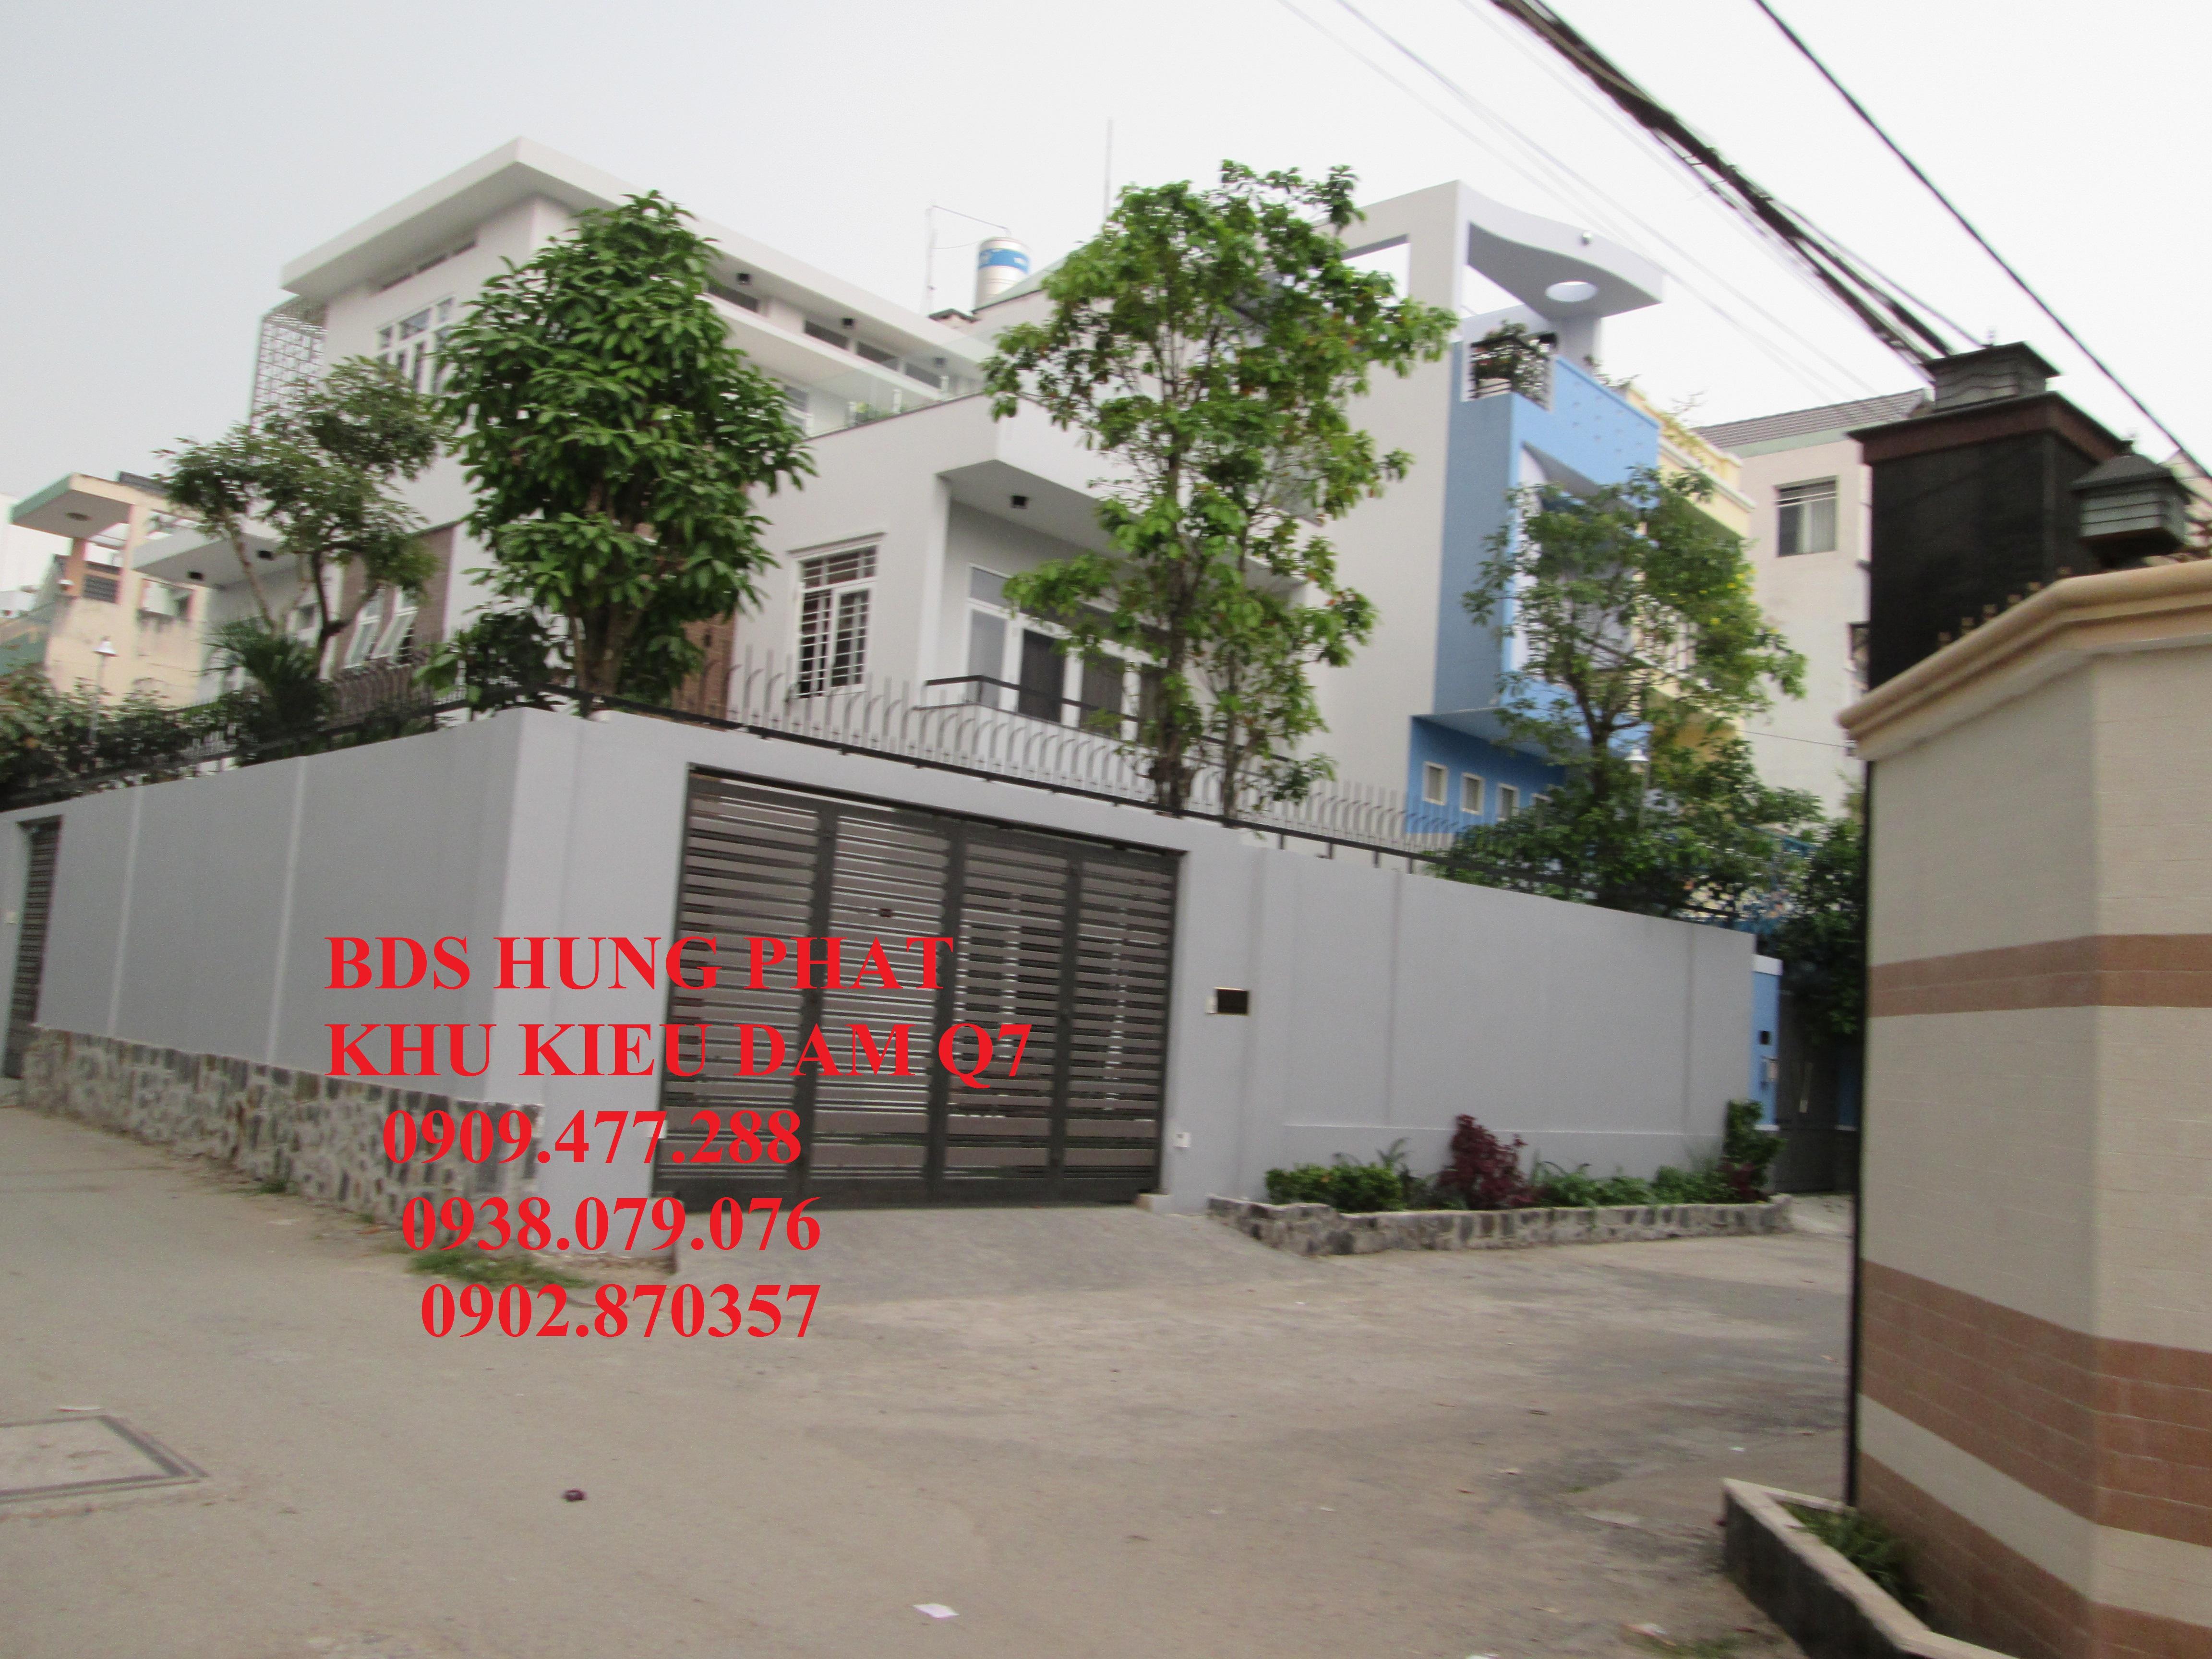 Cần bán gấp lô đất dự án Kim Sơn, lô A102, diện tích 5m x 20m, hướng Tây, giá bán 42 tr/m2